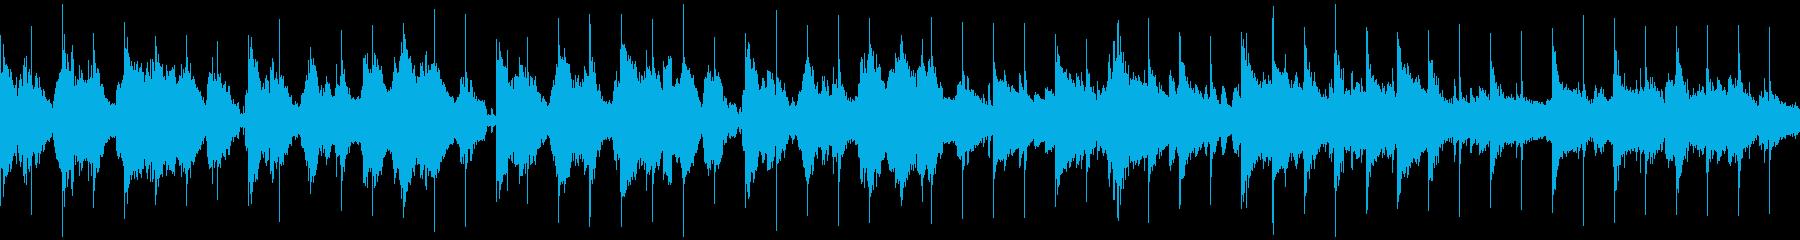 古代遺跡をイメージしたケルト調の民族音楽の再生済みの波形